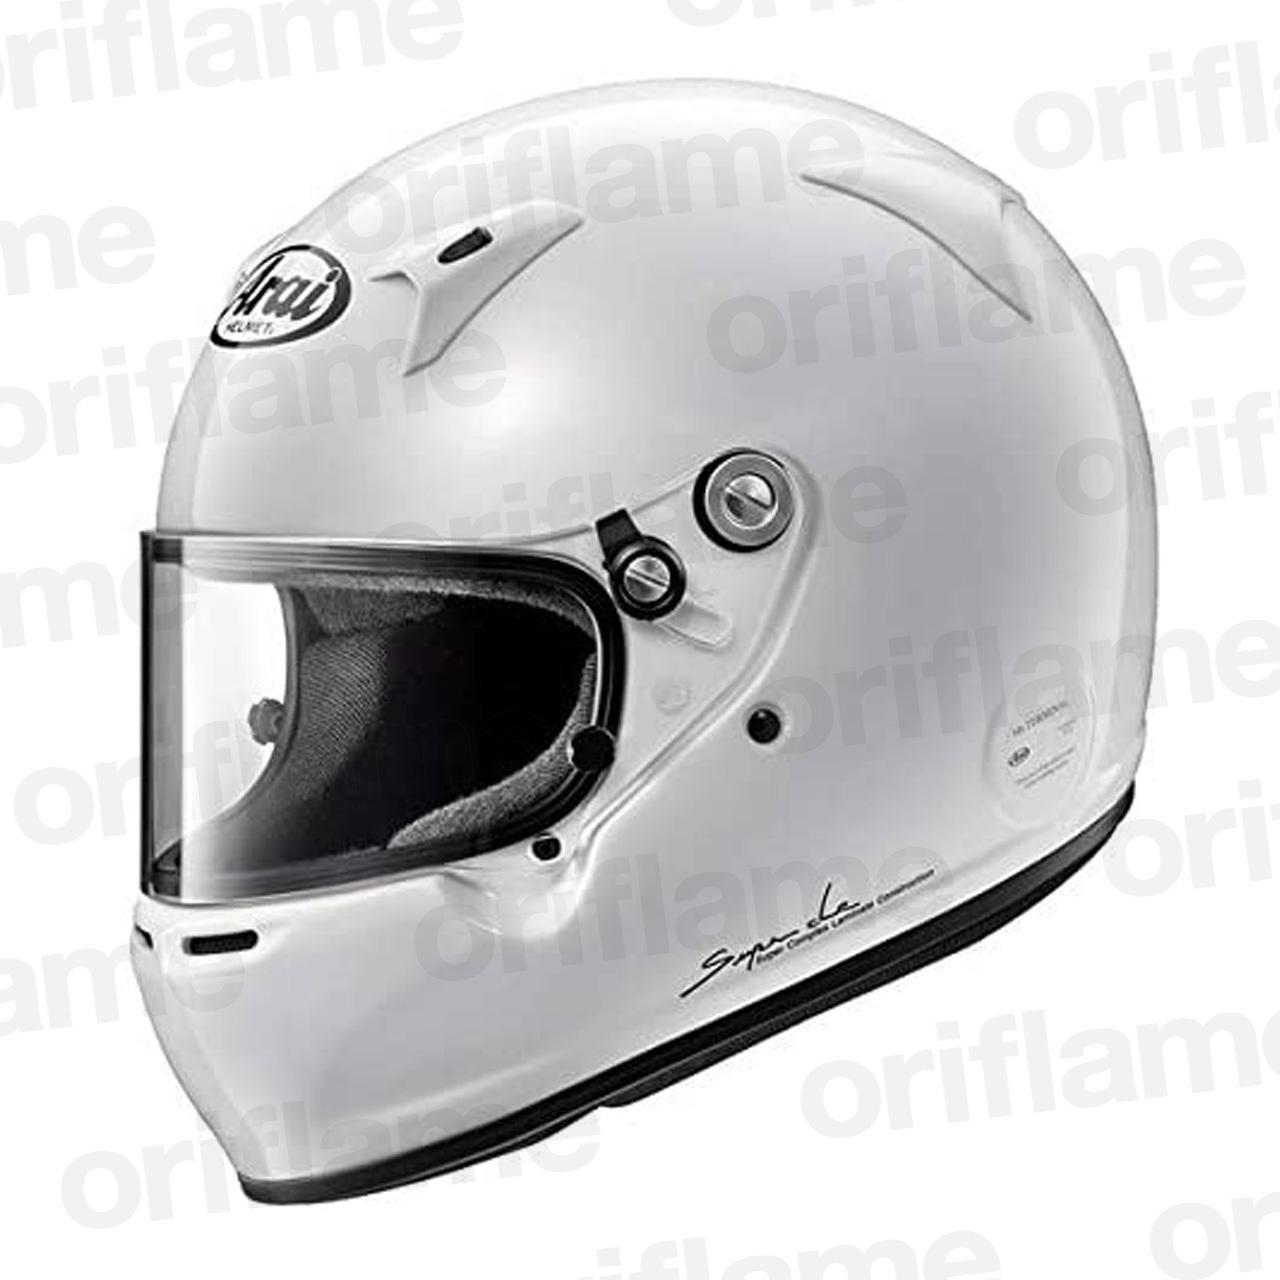 アライ(ARAI)・ヘルメット【GP-5W】(8859シリーズ)・クローズドカー専用(4輪競技用)